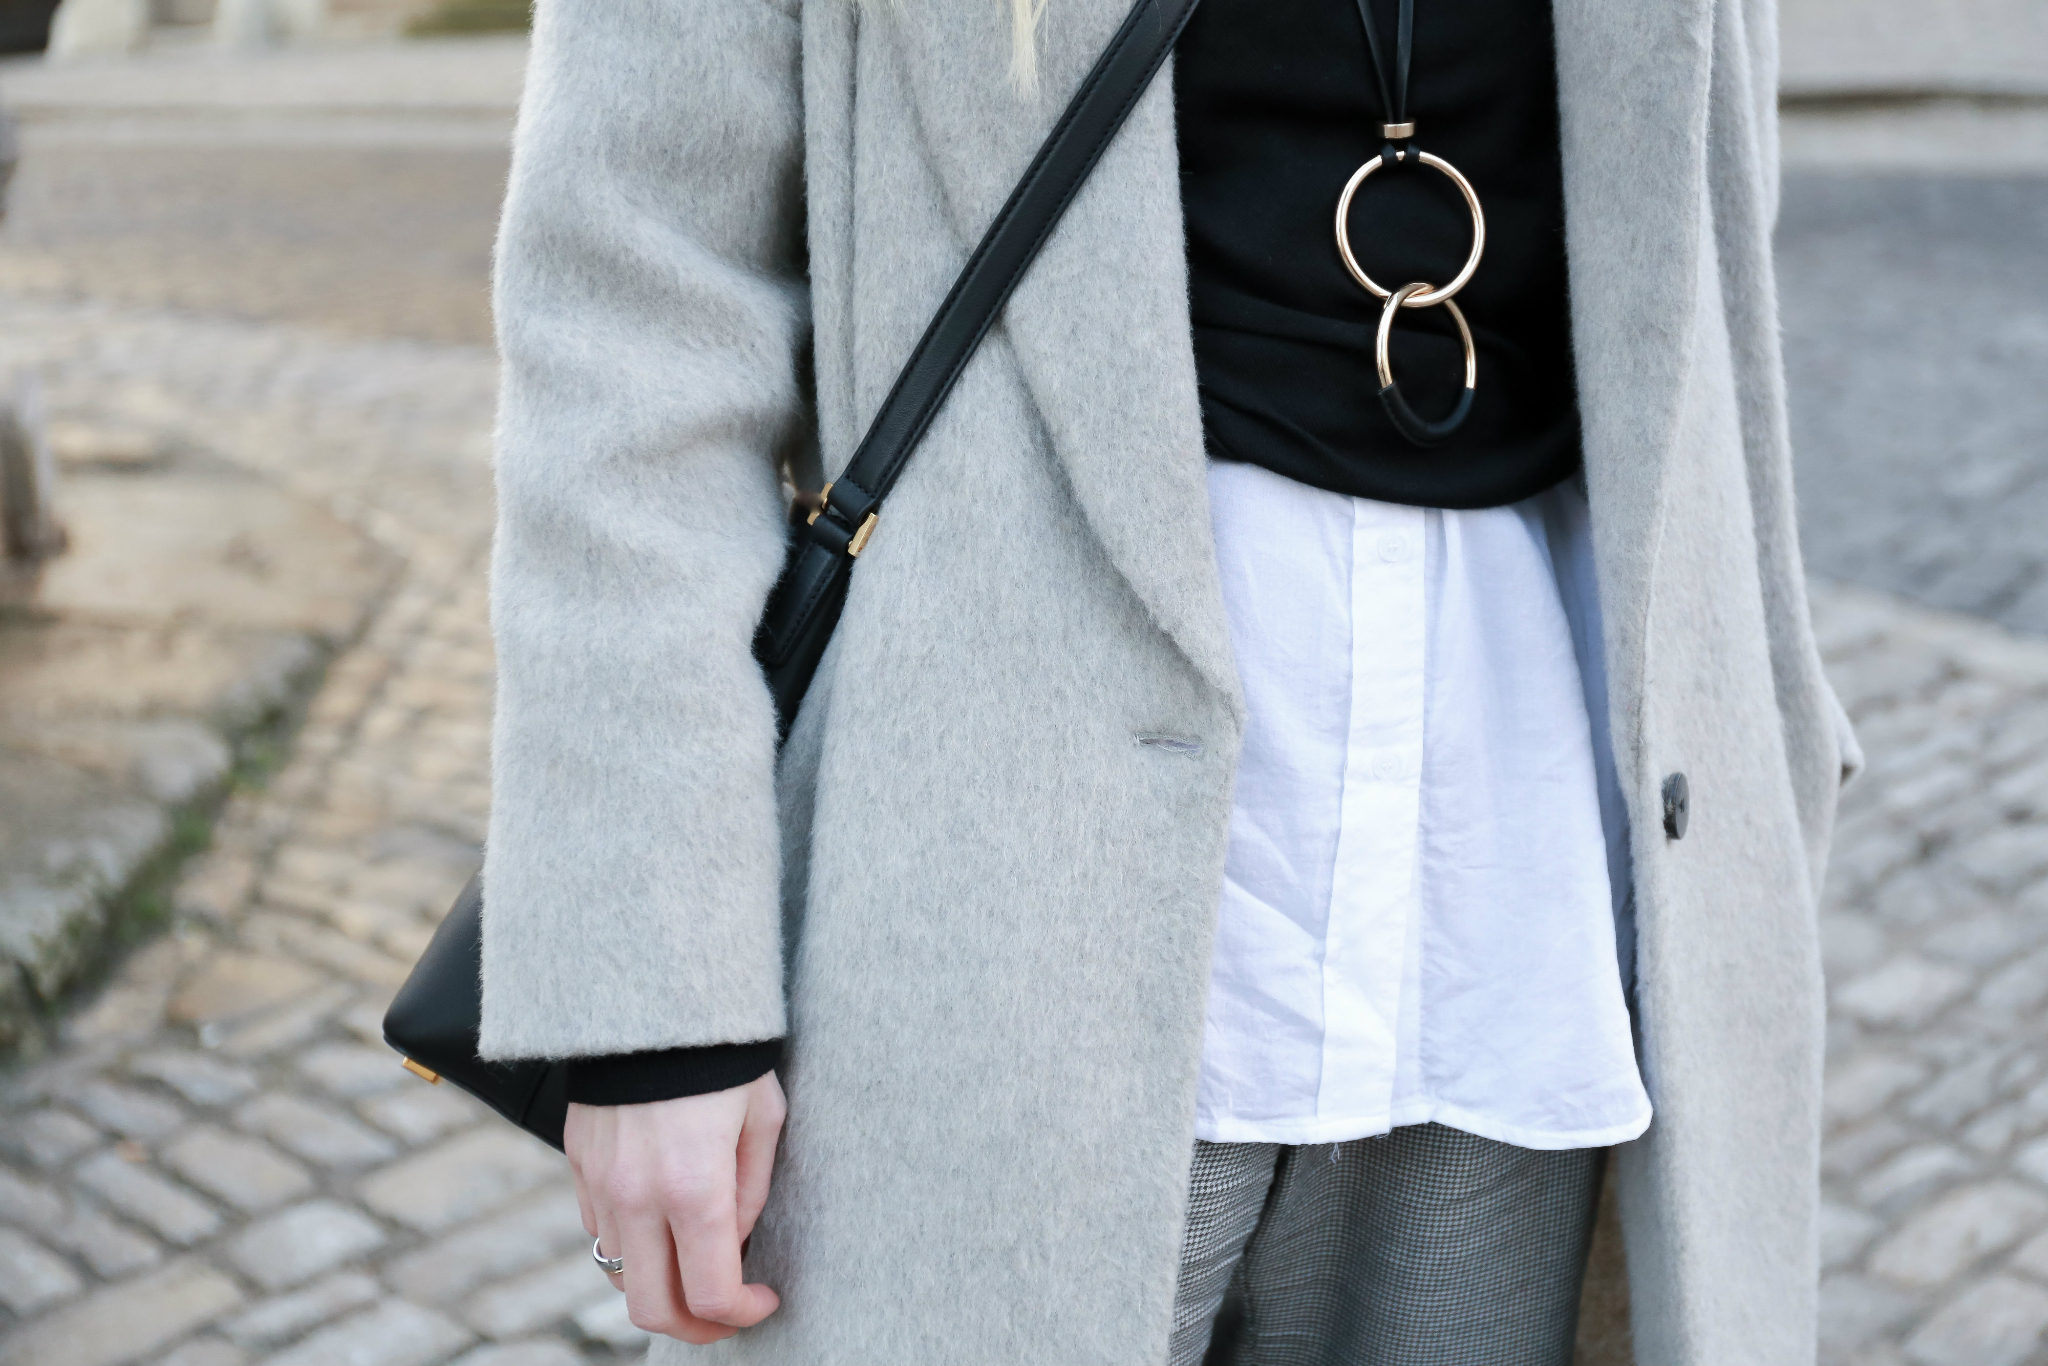 Fashion_Outfit_Michael_Kors_Bucket_Bag-23